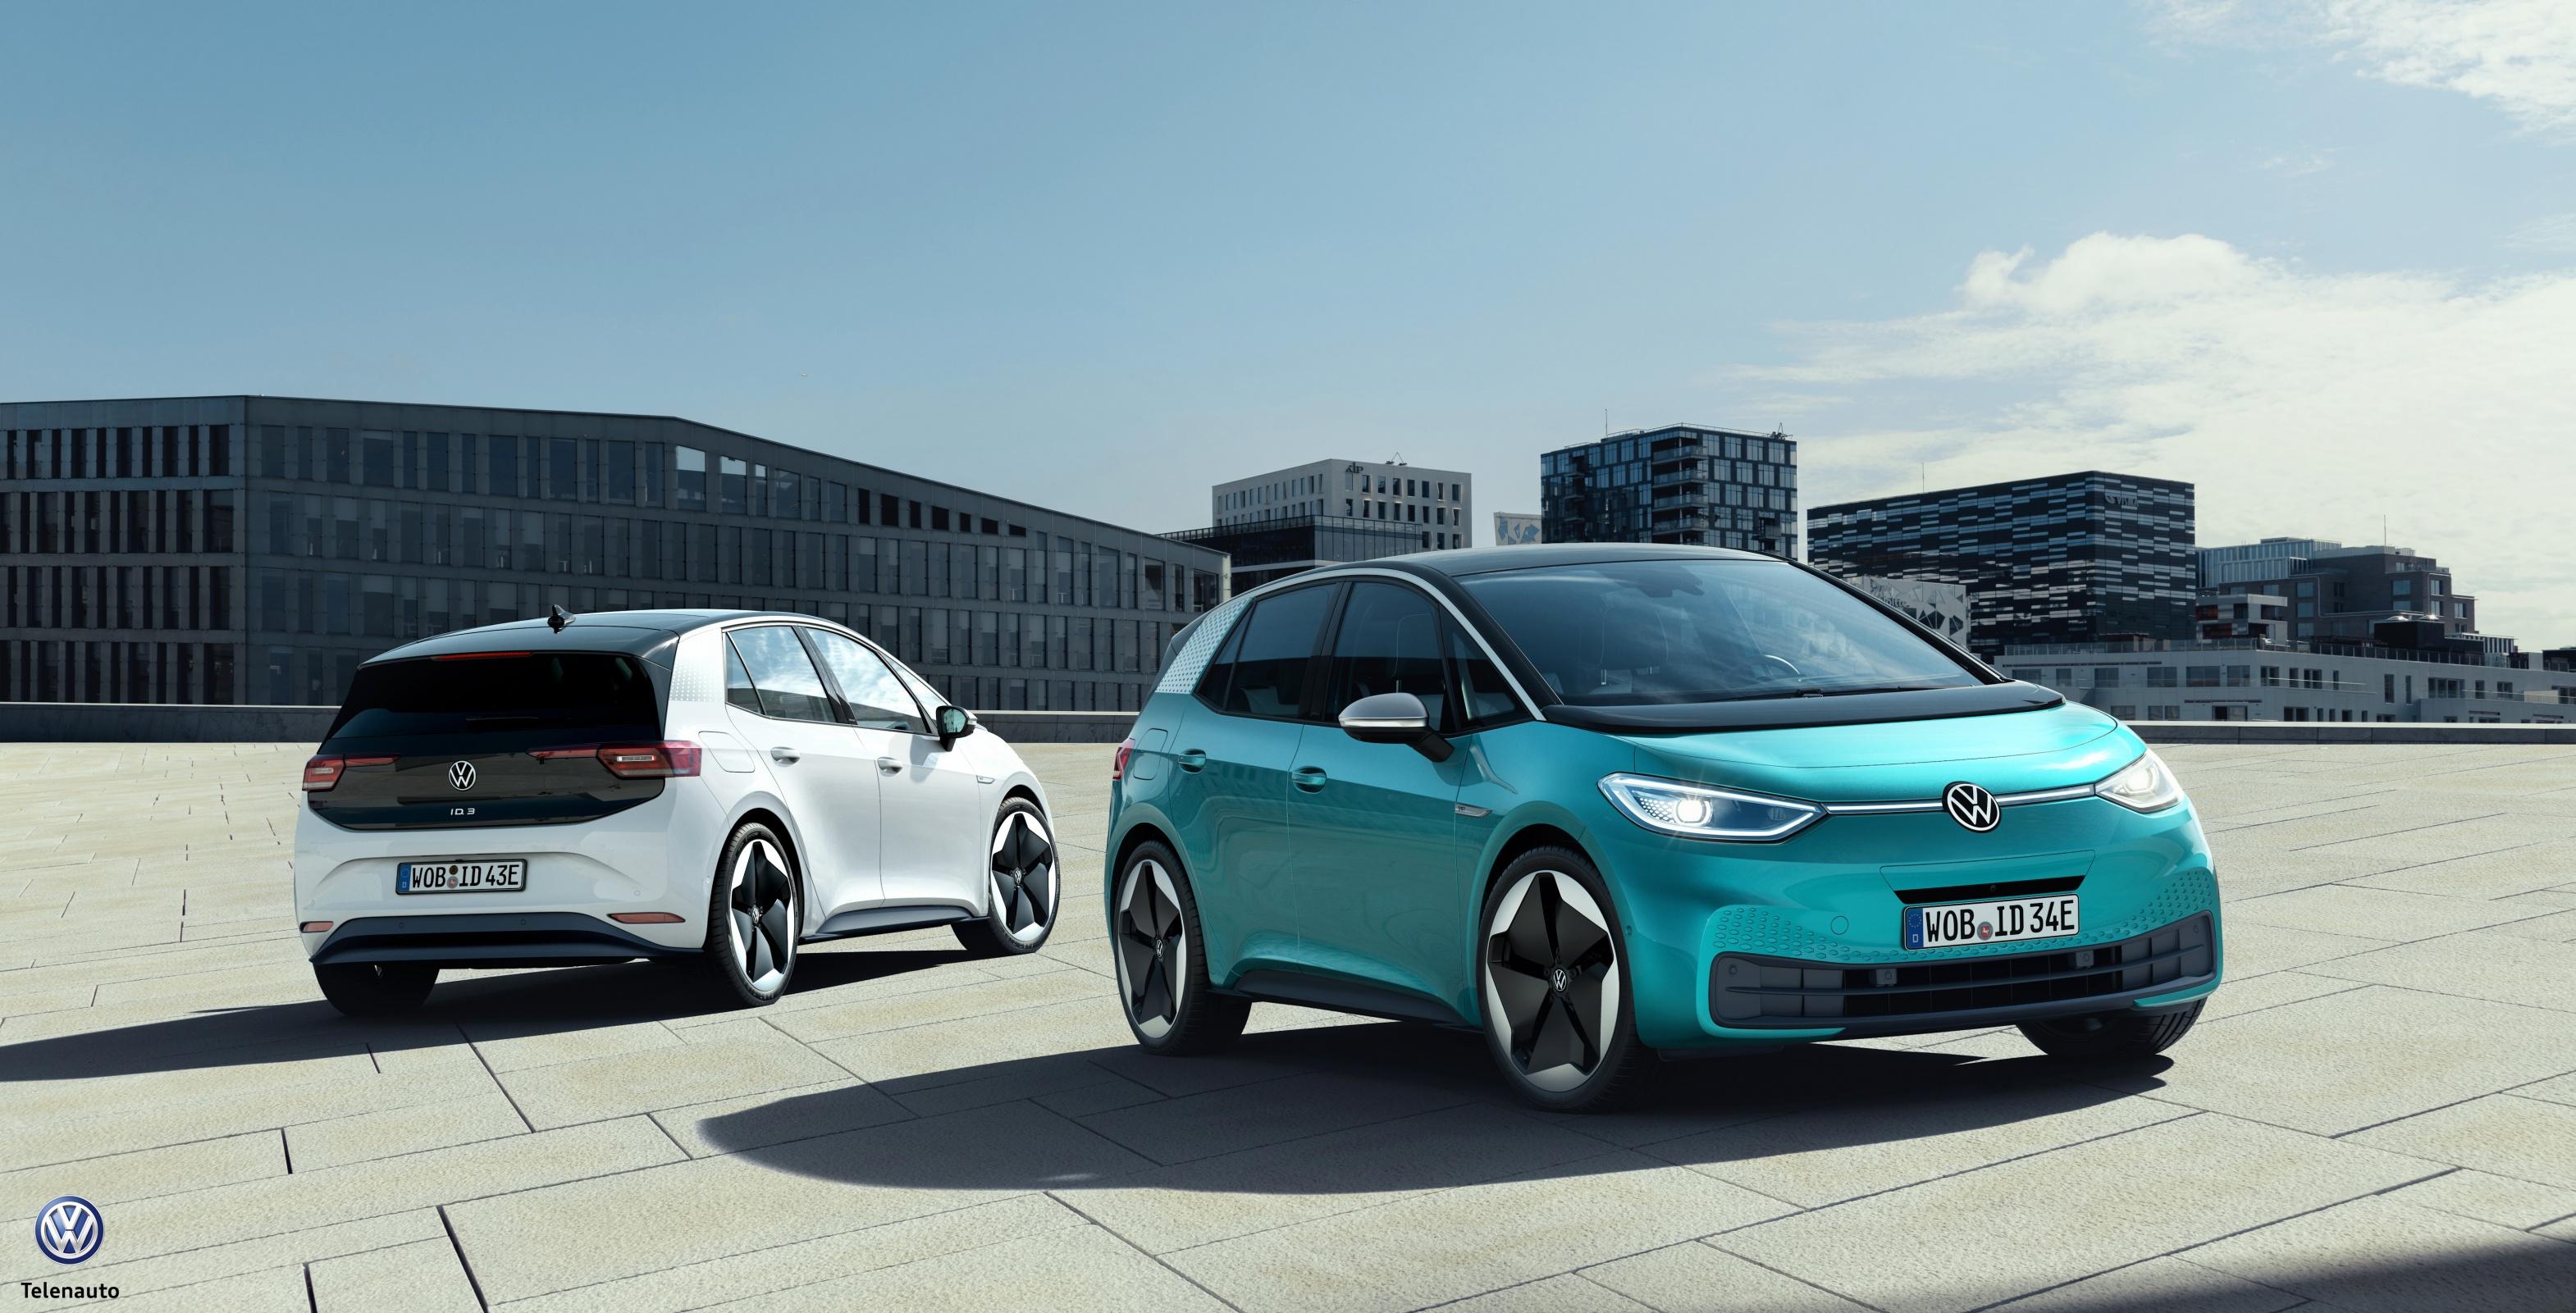 La próxima leyenda de Volkswagen